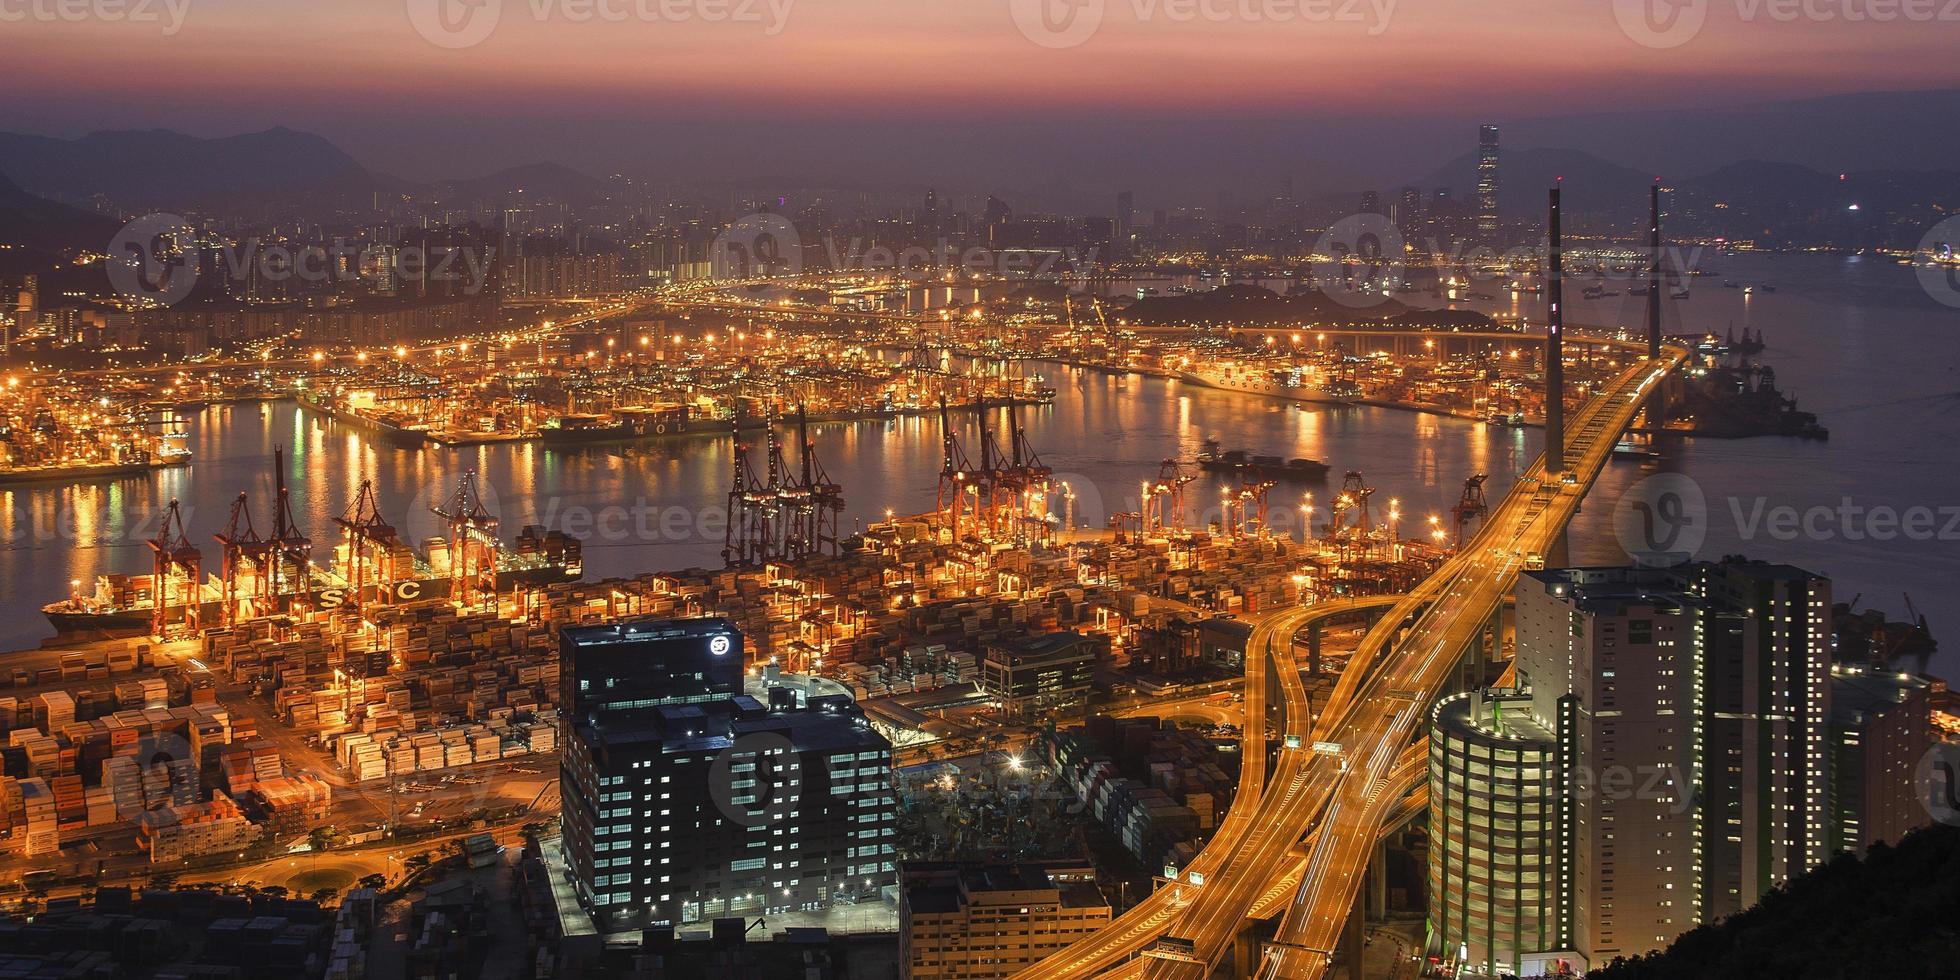 Hong Kong cityscape at dawn photo